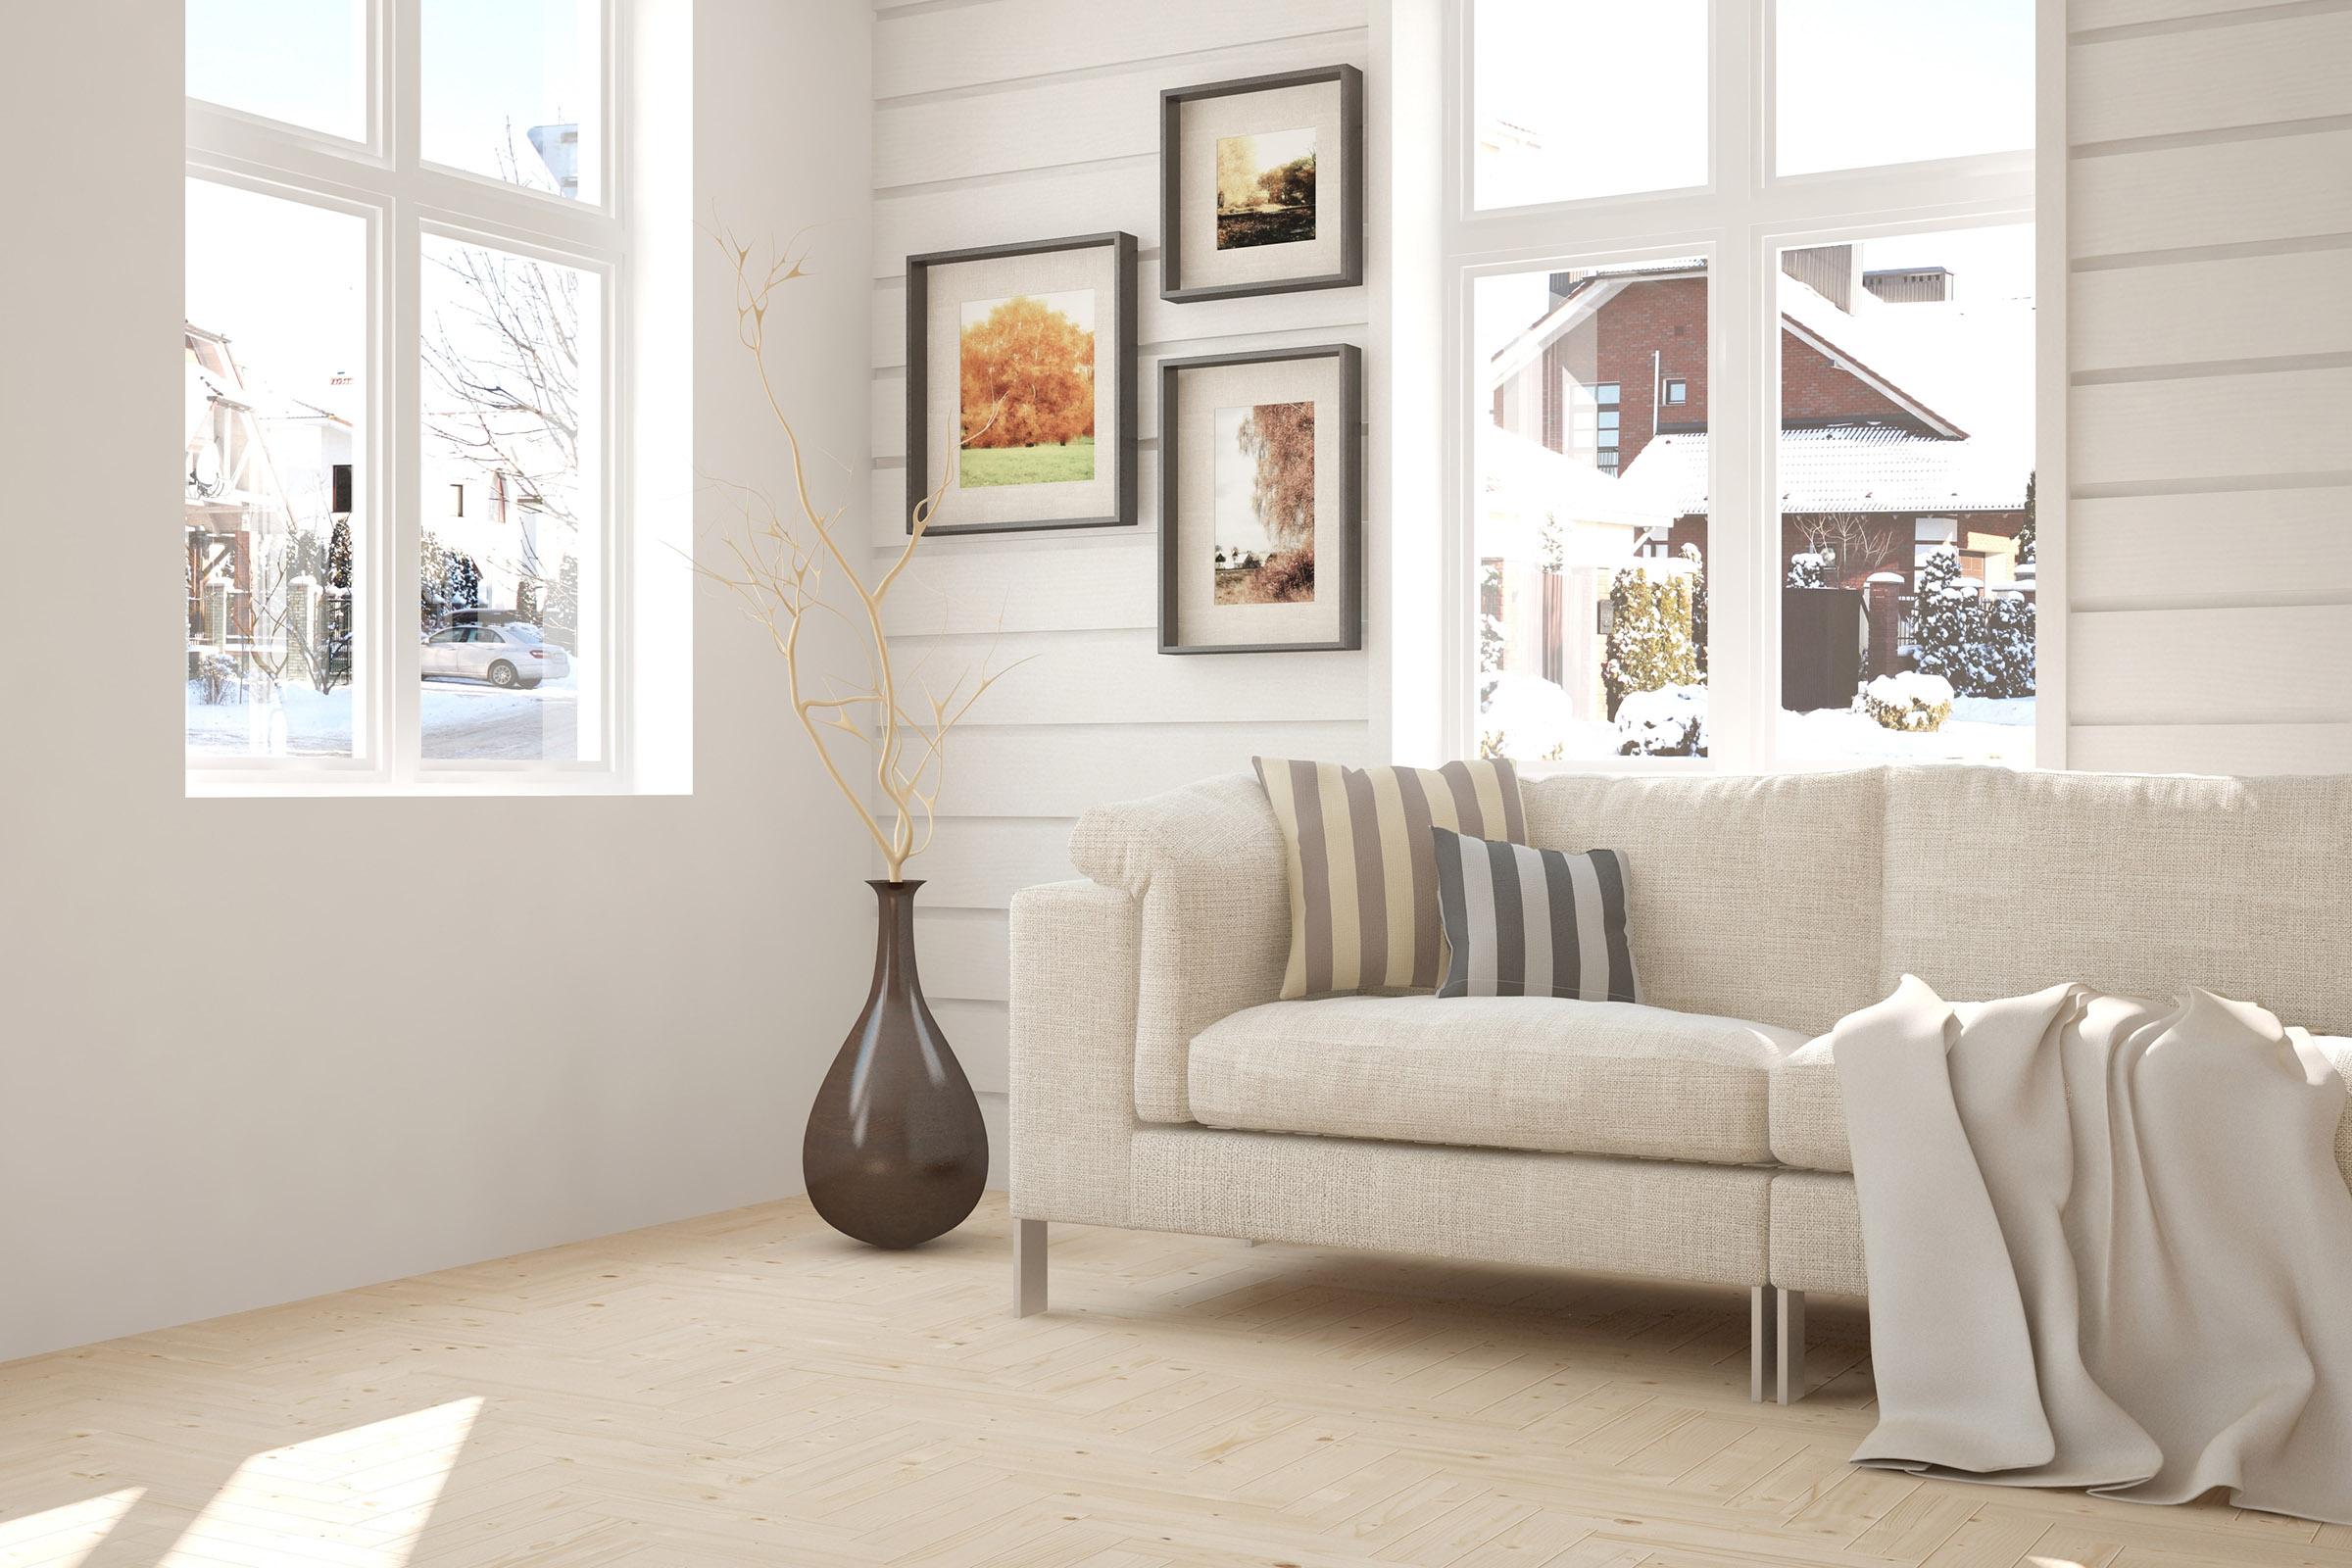 livingroom-beige-room-couch